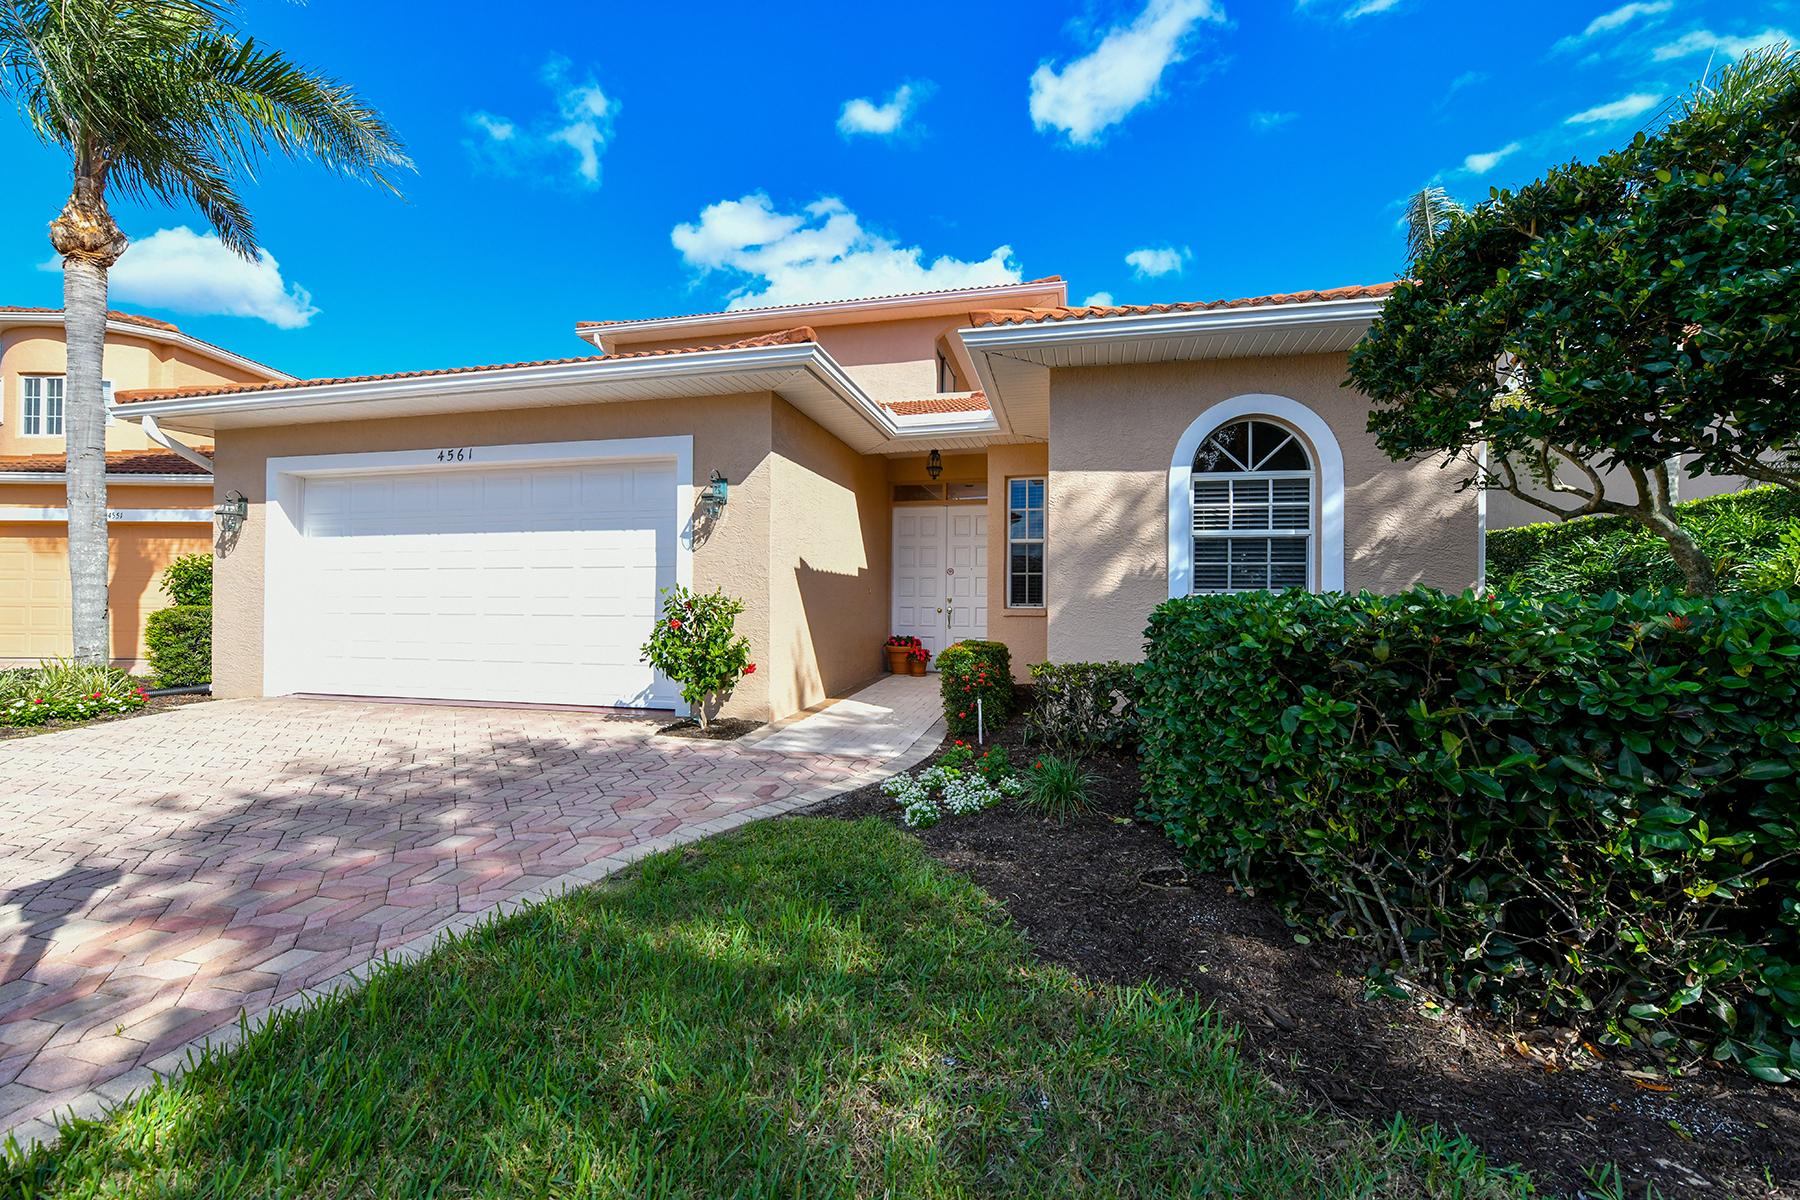 콘도미니엄 용 매매 에 PRESTANCIA 4561 Murcia Blvd 13, Sarasota, 플로리다, 34238 미국